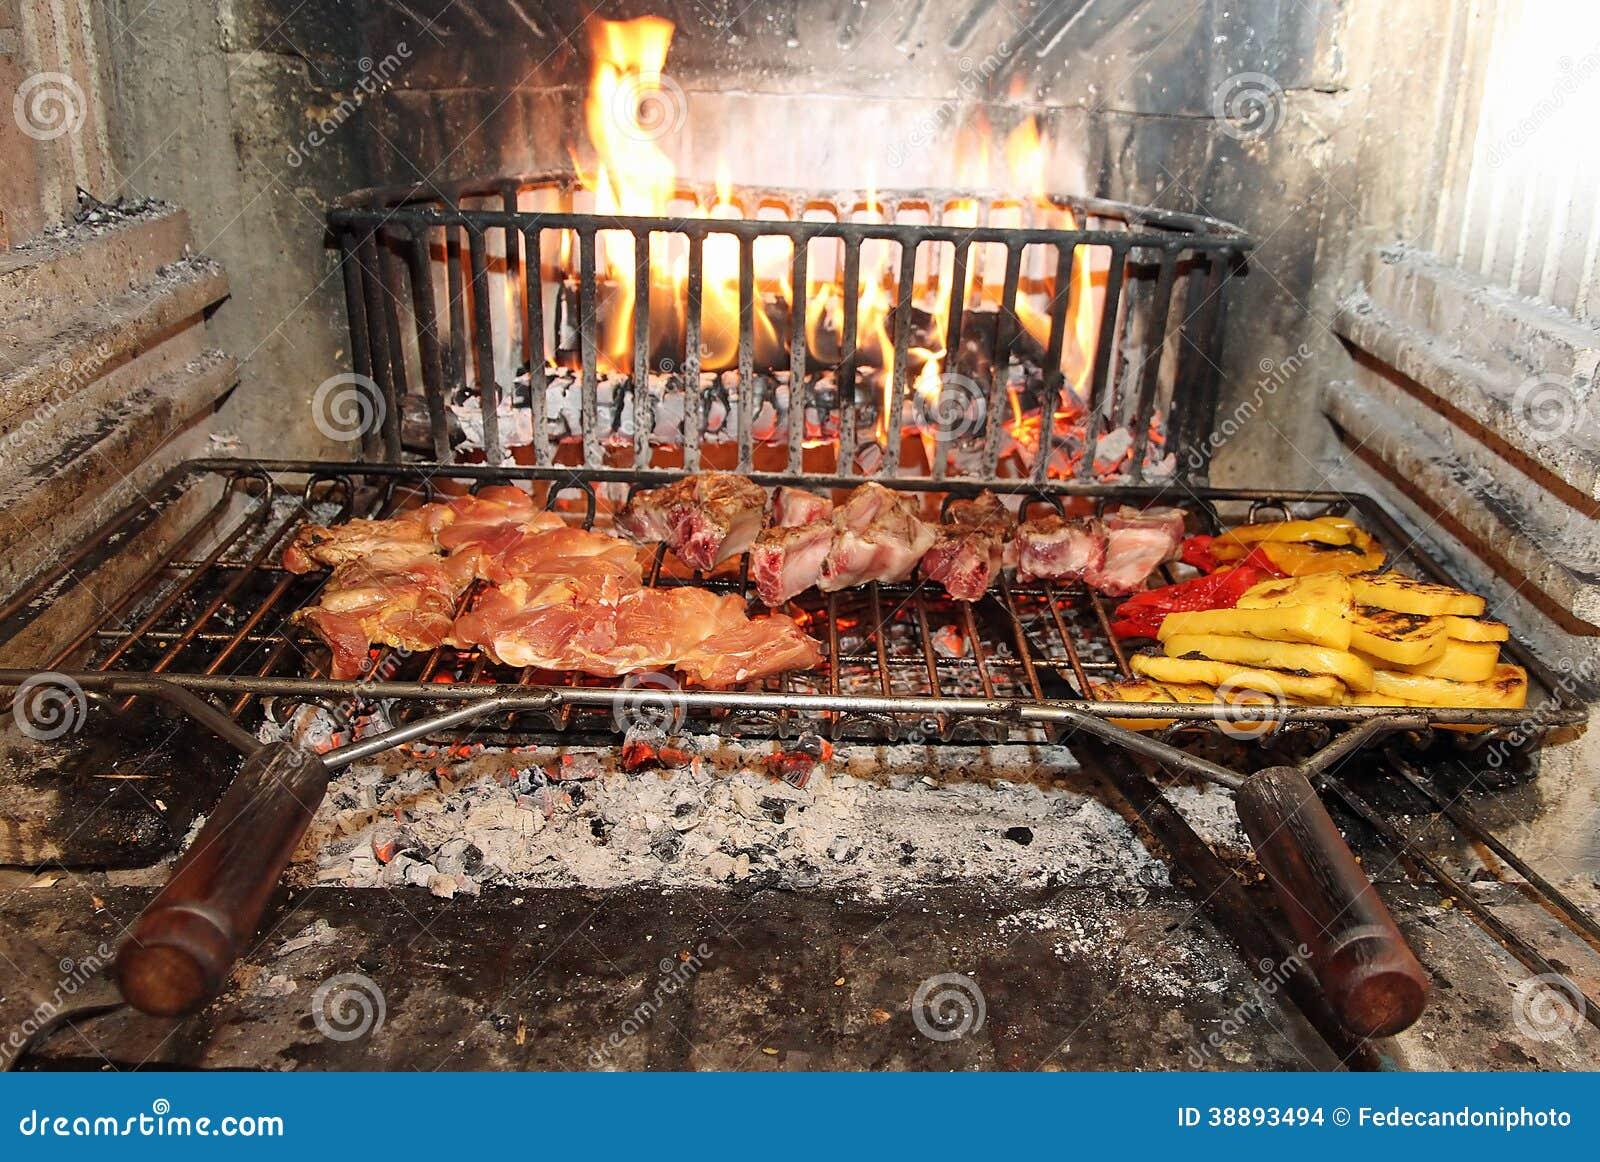 Fuoco nel camino per cucinare carne e le verdure - Camino per cucinare ...